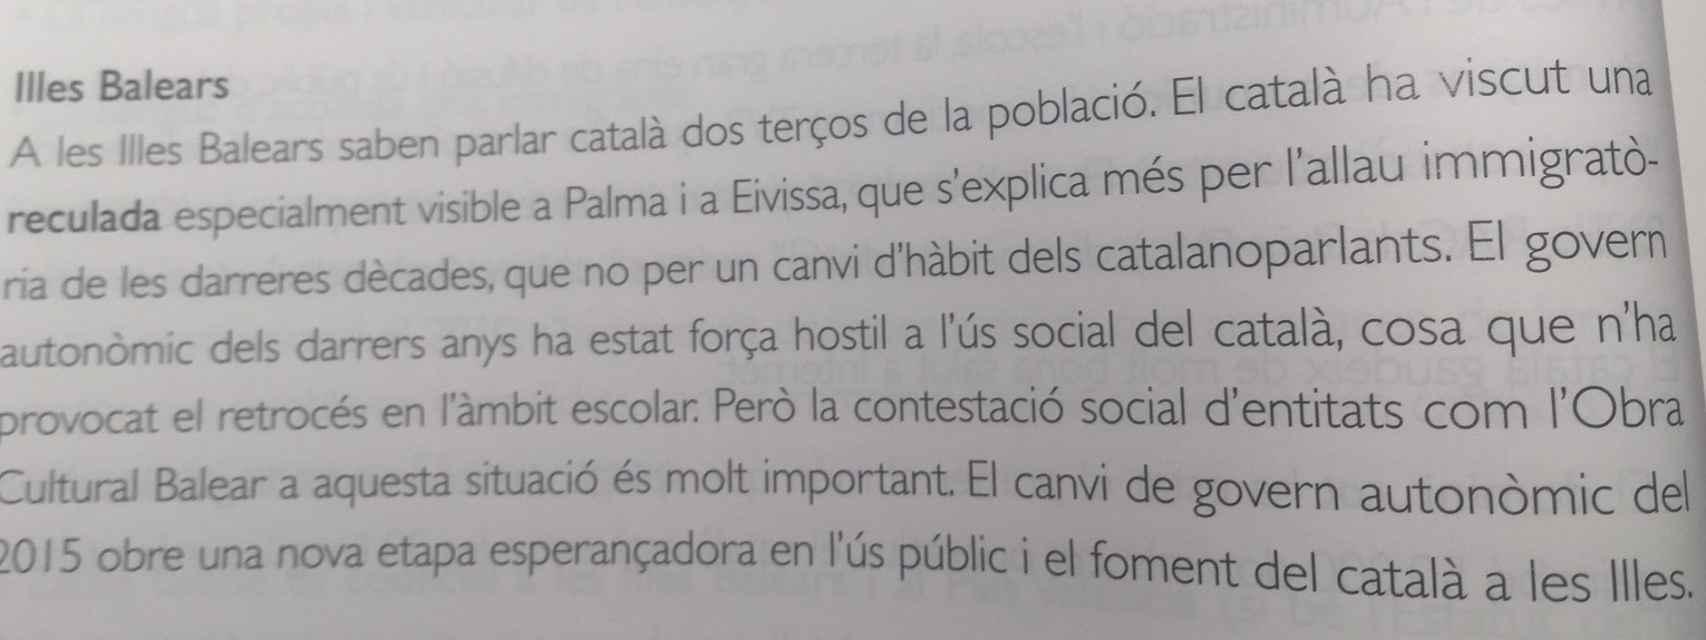 Extracto del libro de texto de Lengua y Literatura catalana.